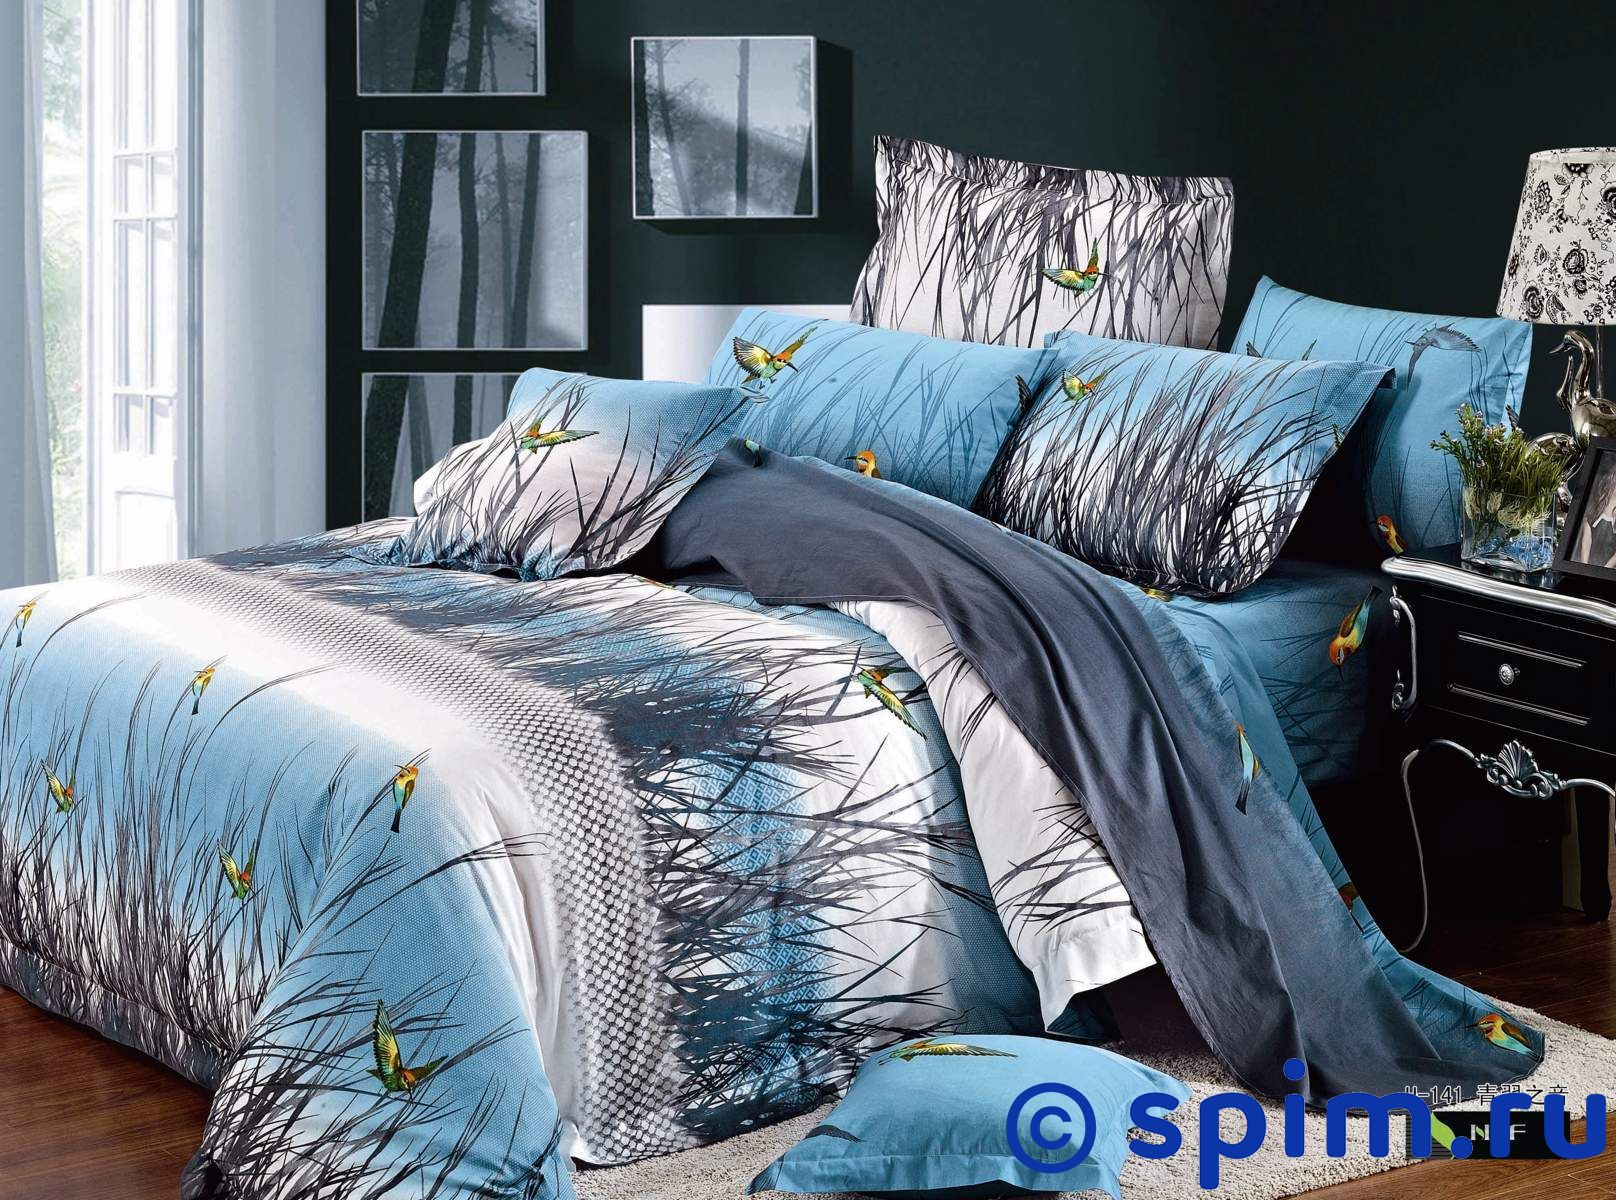 Комплект СайлиД G81 Евро-стандартСатиновое постельное белье СайлиД с фотопечатью<br>Материал: 100% хлопок (сатин, фотопечать). Плотность, г/м2: 130. Размер Sailid Г: Евро-стандарт<br><br>Размер: Евро-стандарт